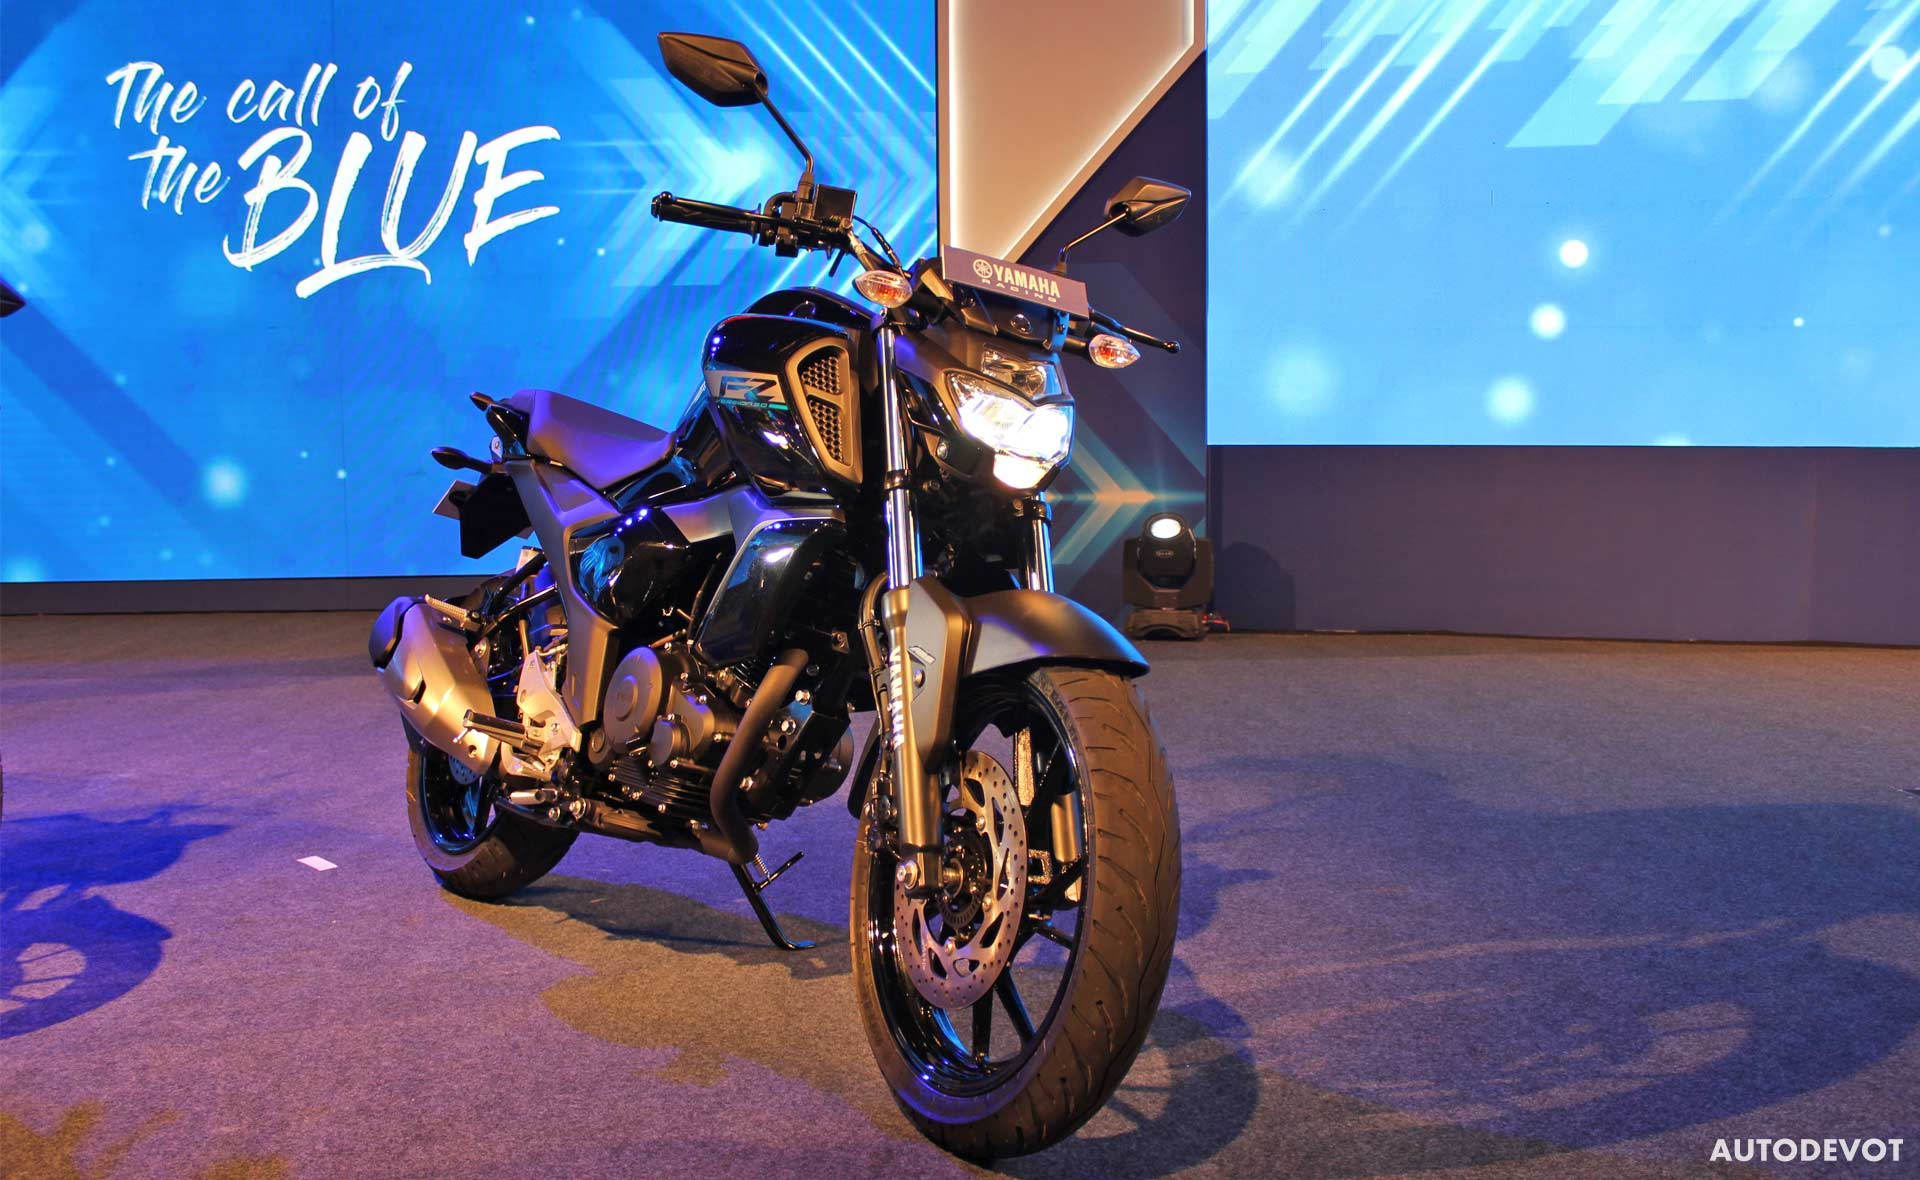 Yamaha FZ, FZ-S FI Version 3.0 ABS Photos - GaadiKey